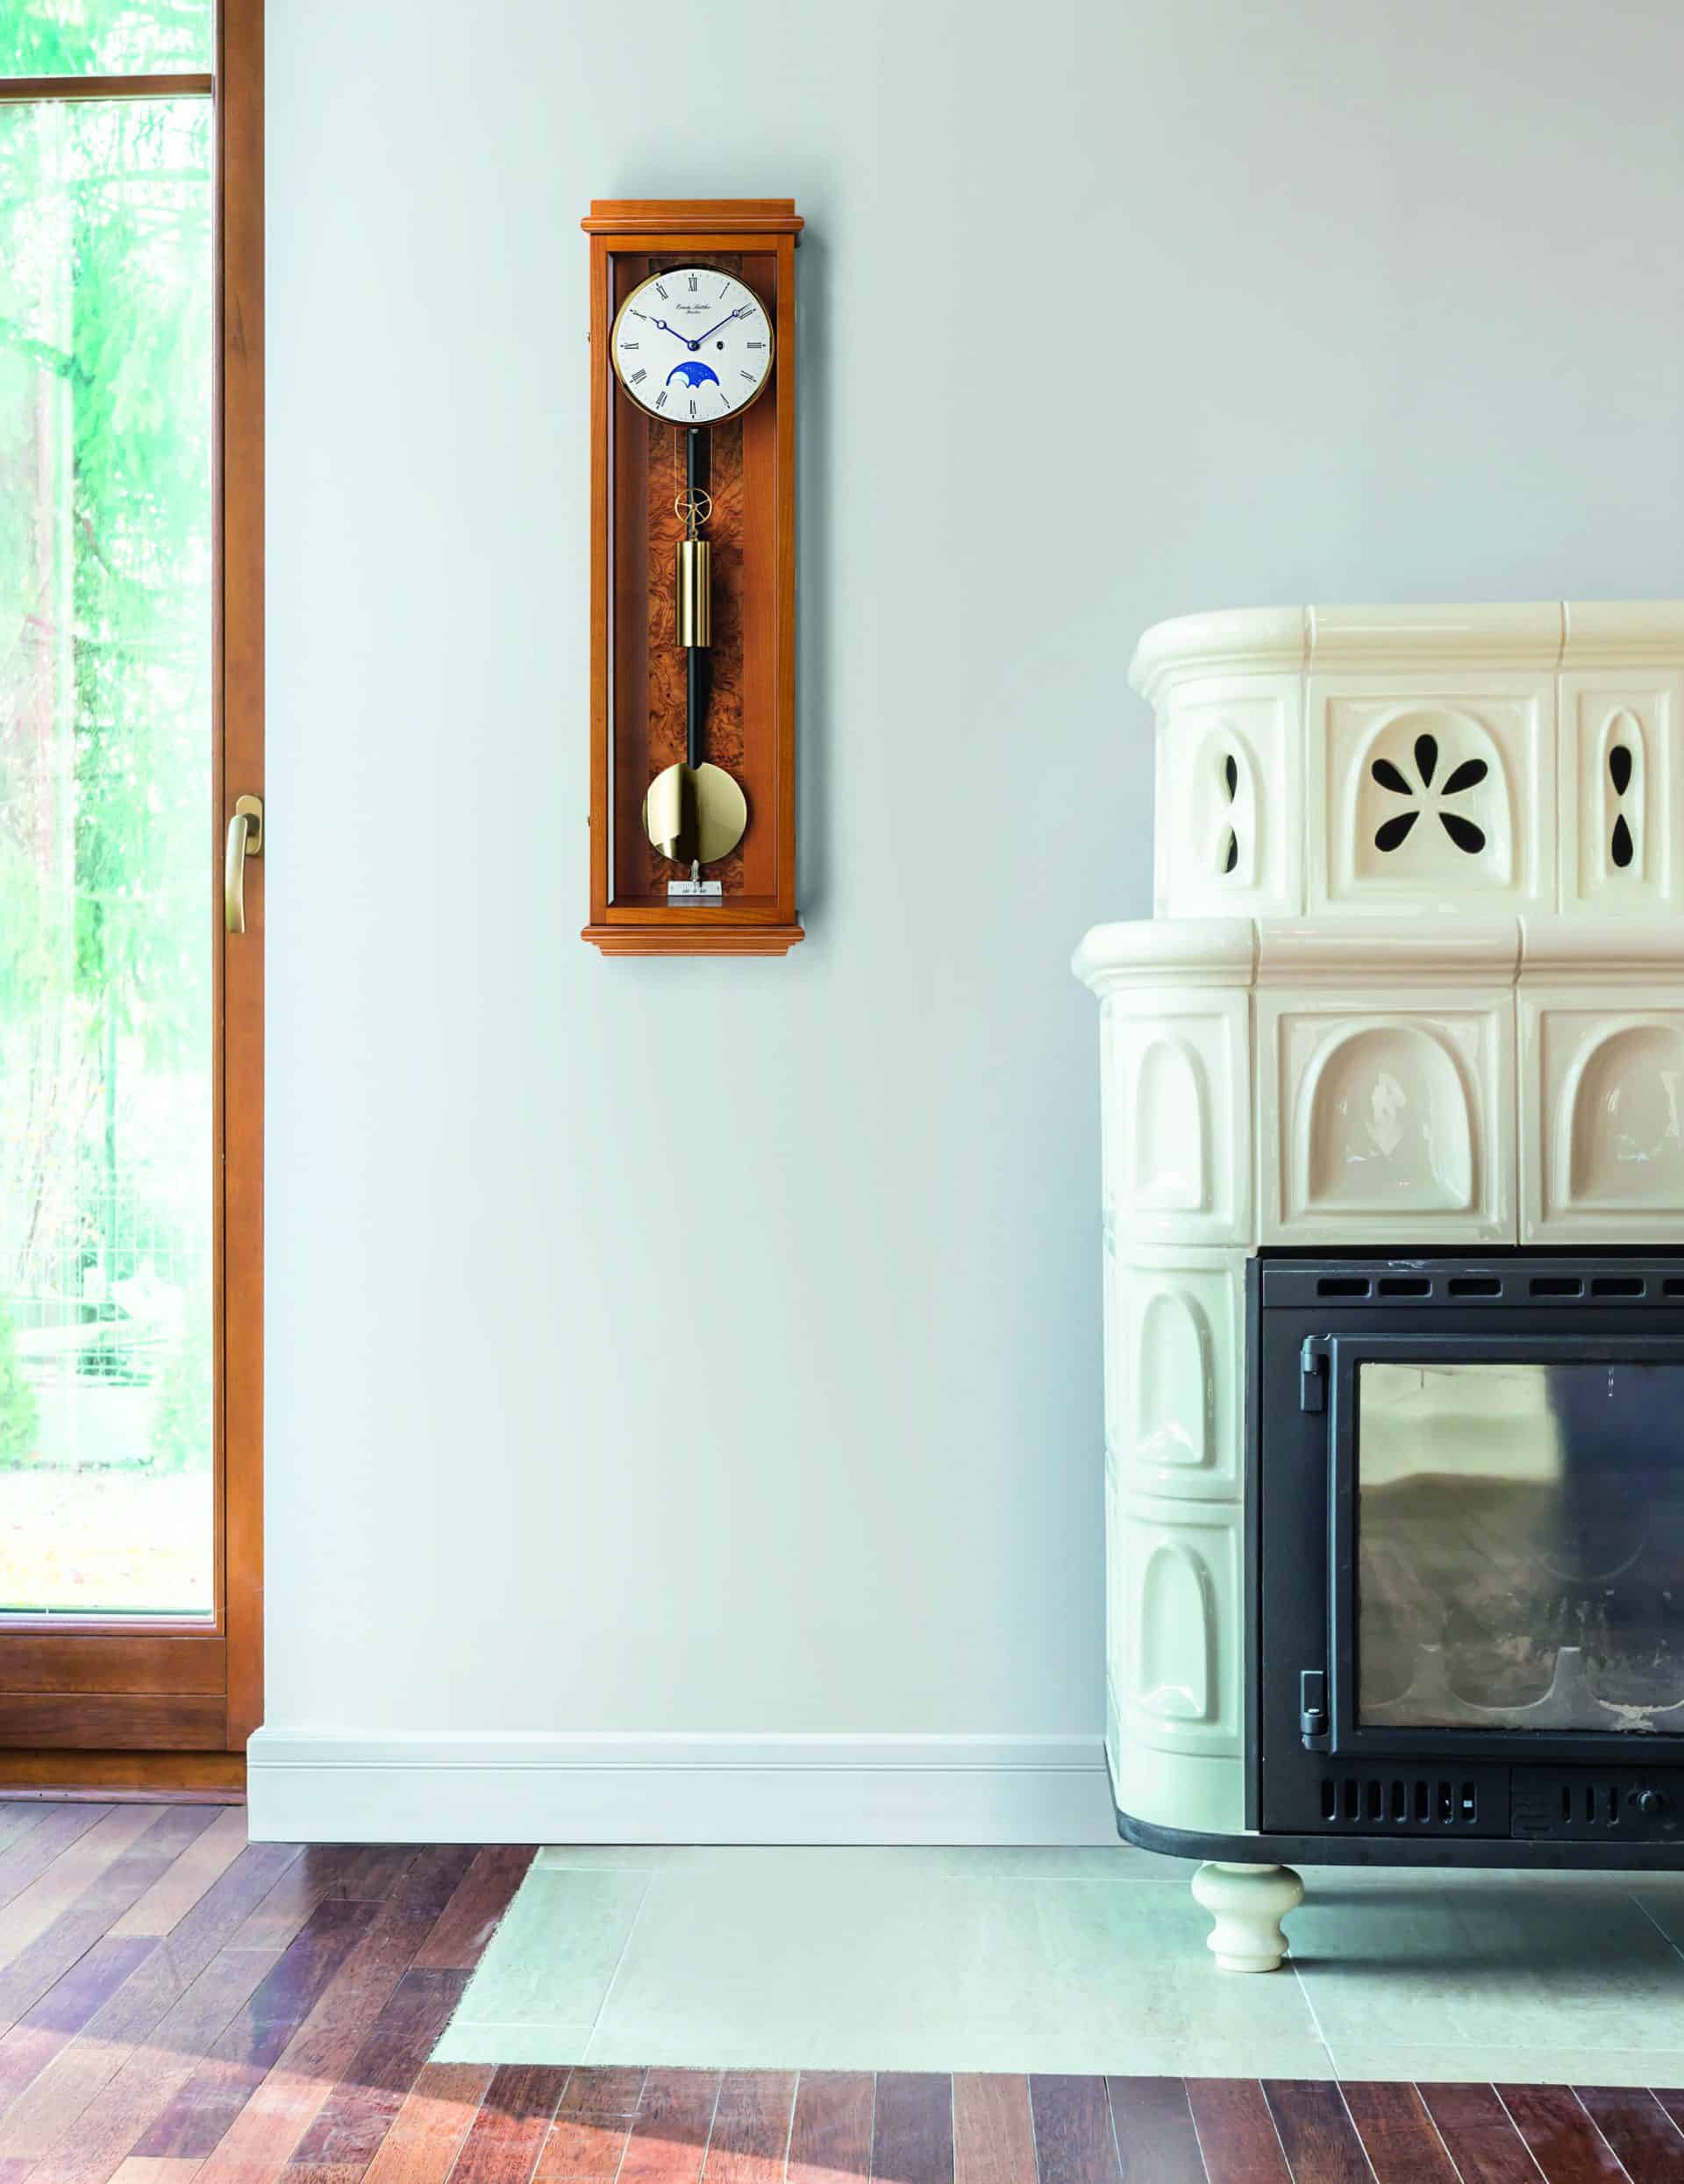 Das Modell Classica PM70 von Erwin Sattler ist warm und elegant